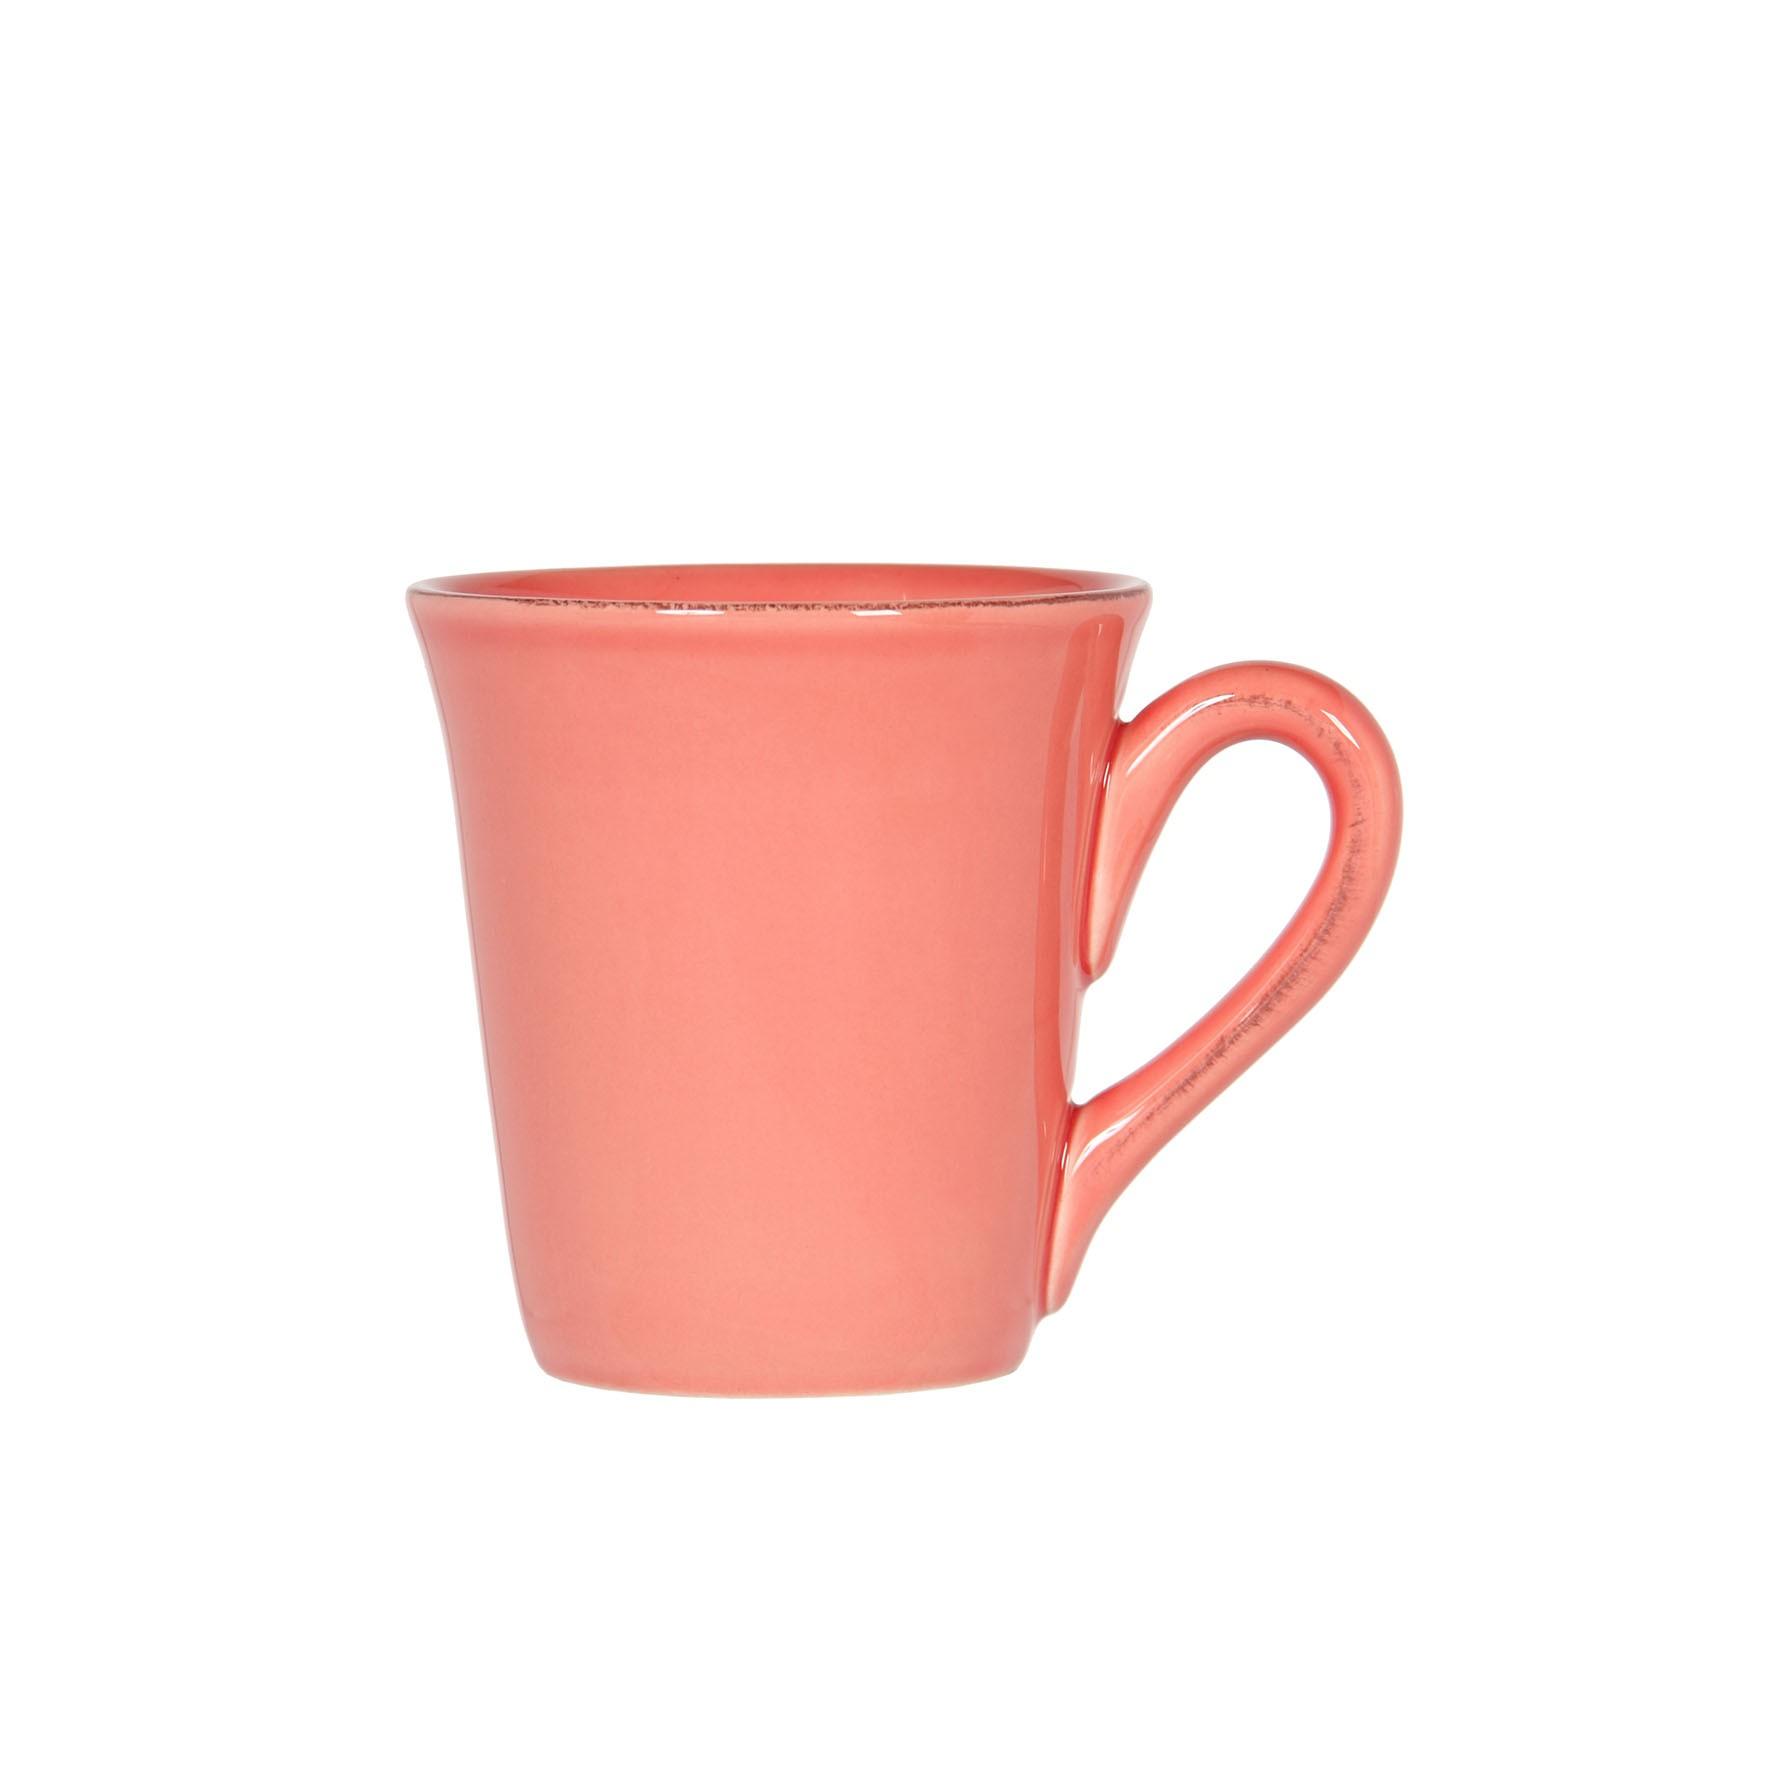 Constance - mug corail 25cl (par2)